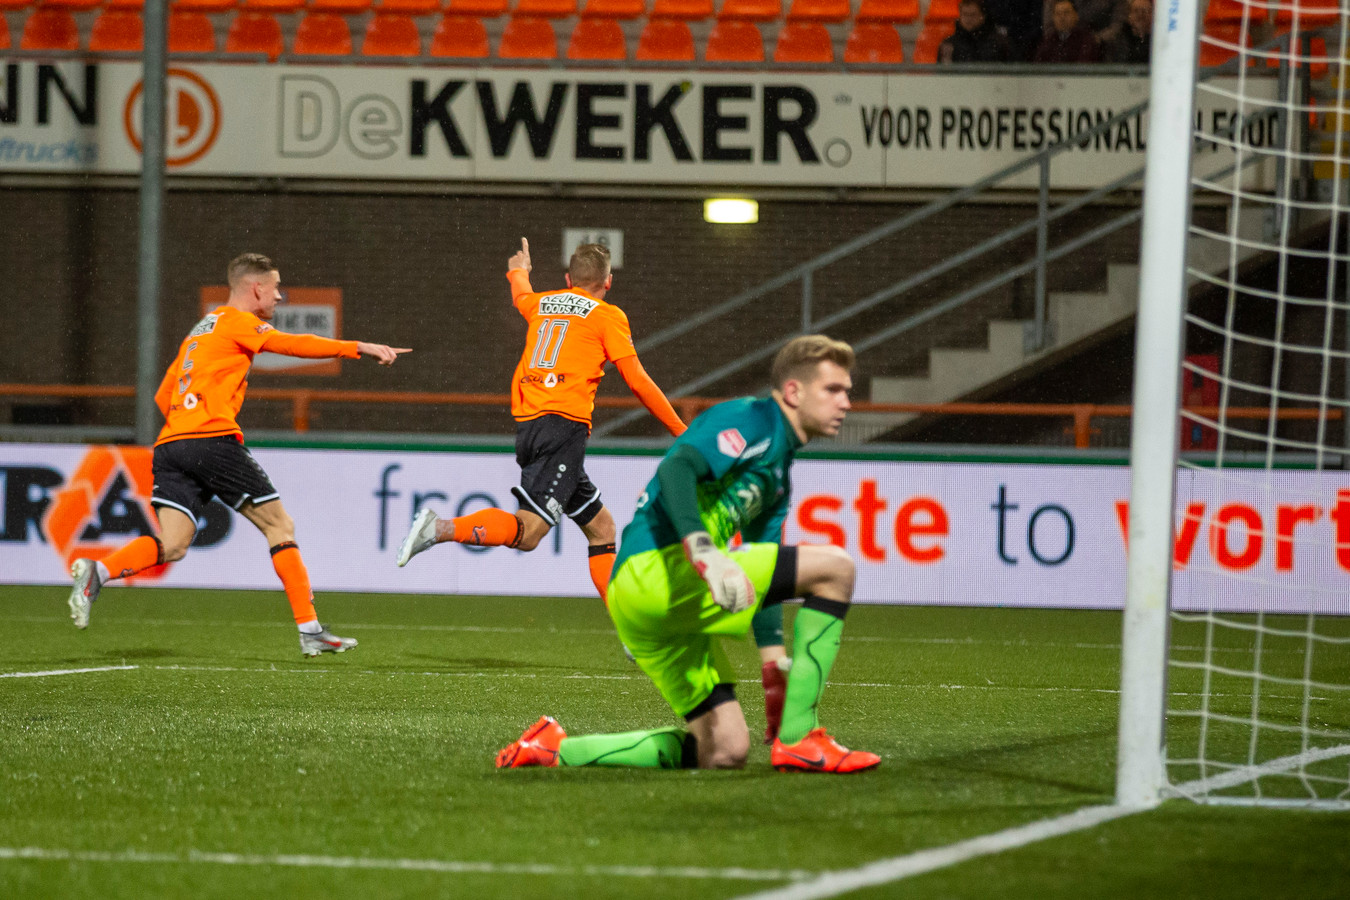 Mattijs Branderhorst is voor de eerste keer gepasseerd door Kevin Visser (10) en voelt het onheil naderen.